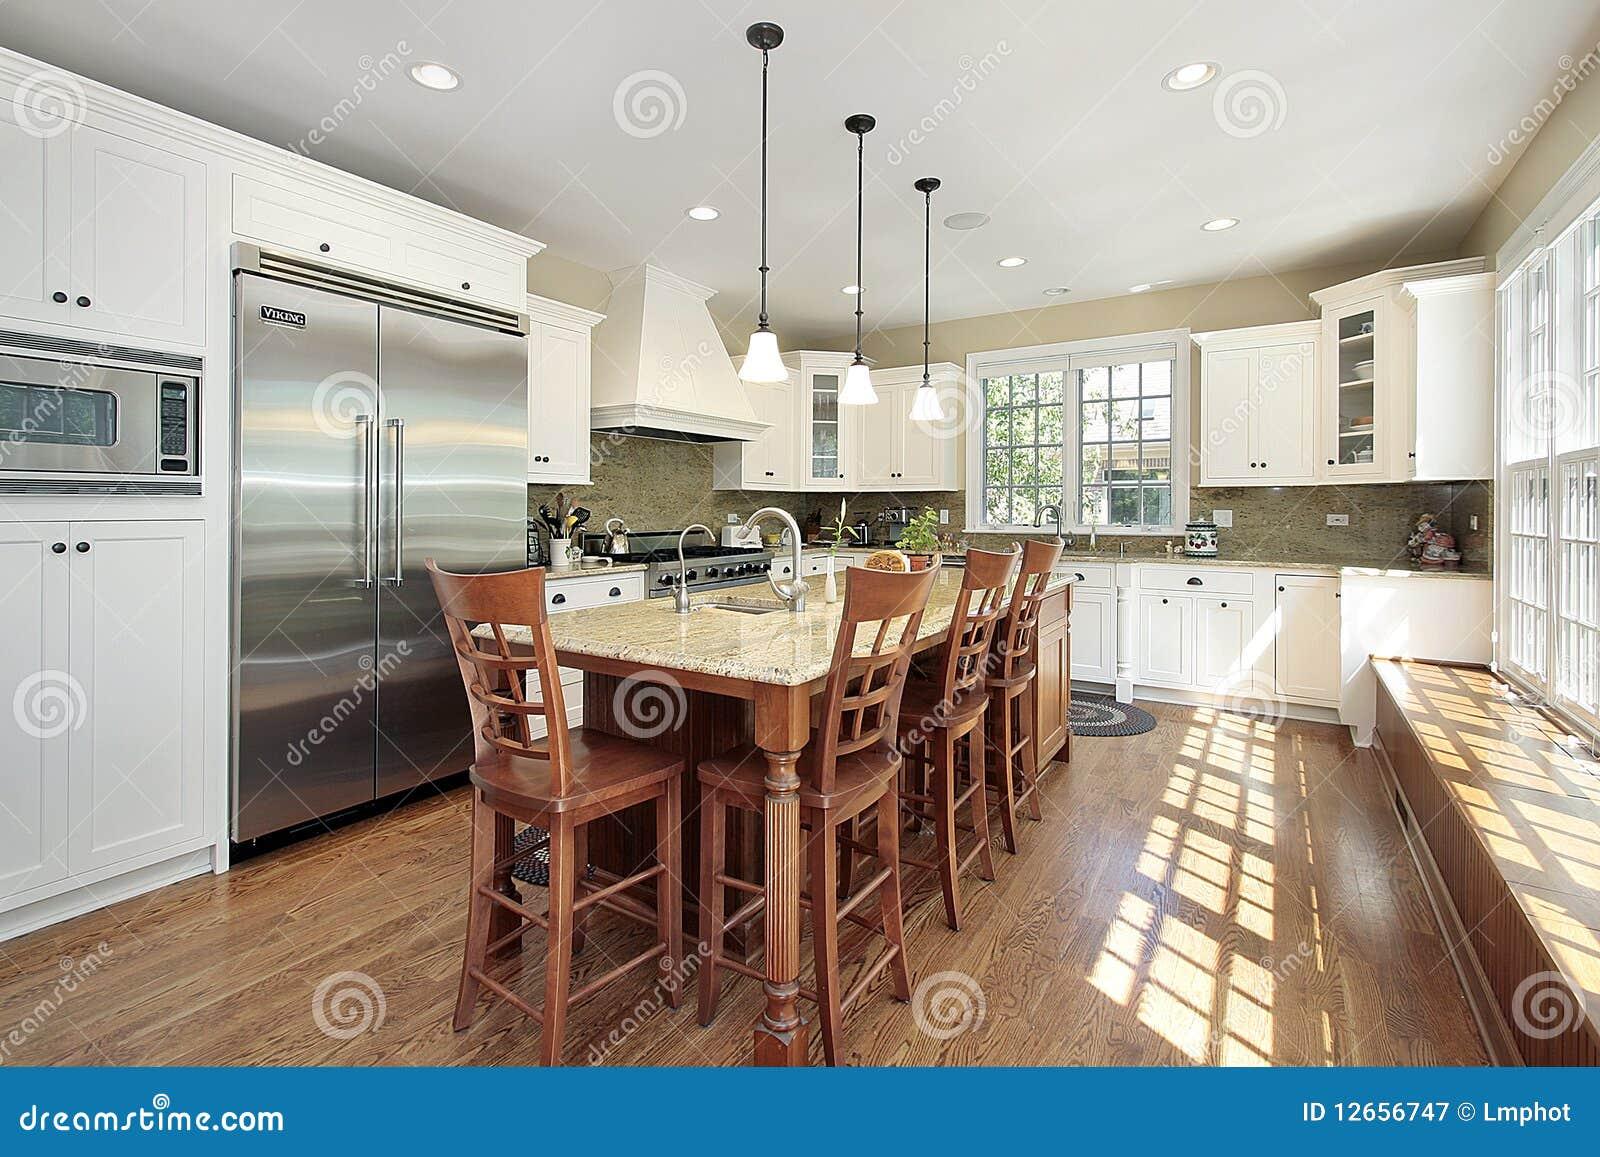 Keuken met eiland en bank royalty vrije stock fotografie afbeelding 12656747 - Keuken met bank ...